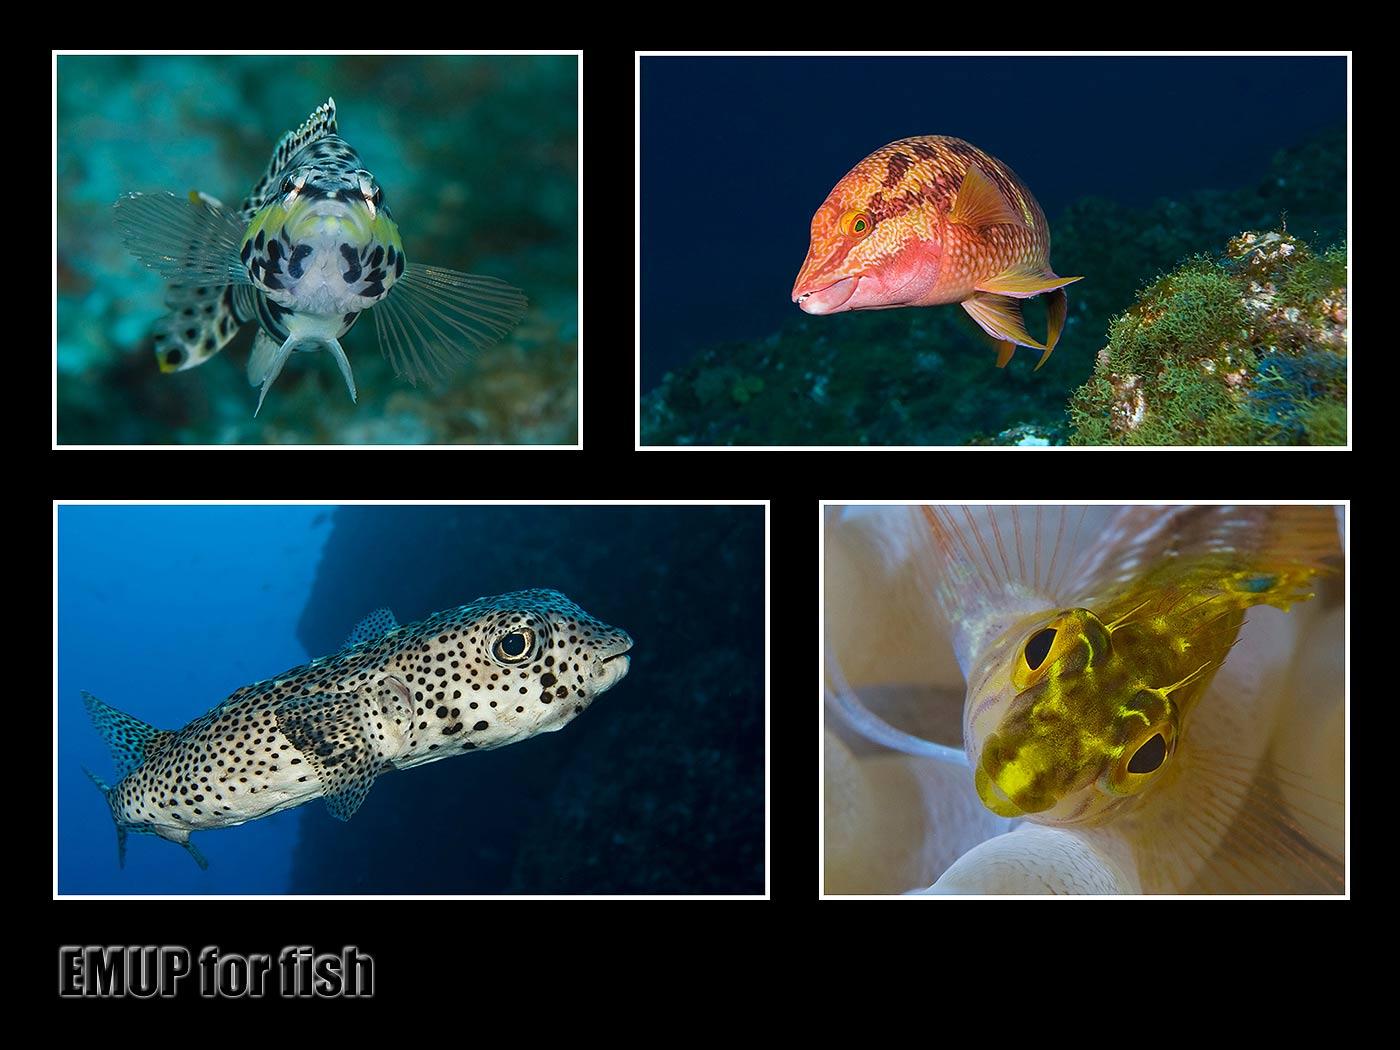 EMUP_4_fish_final.jpg